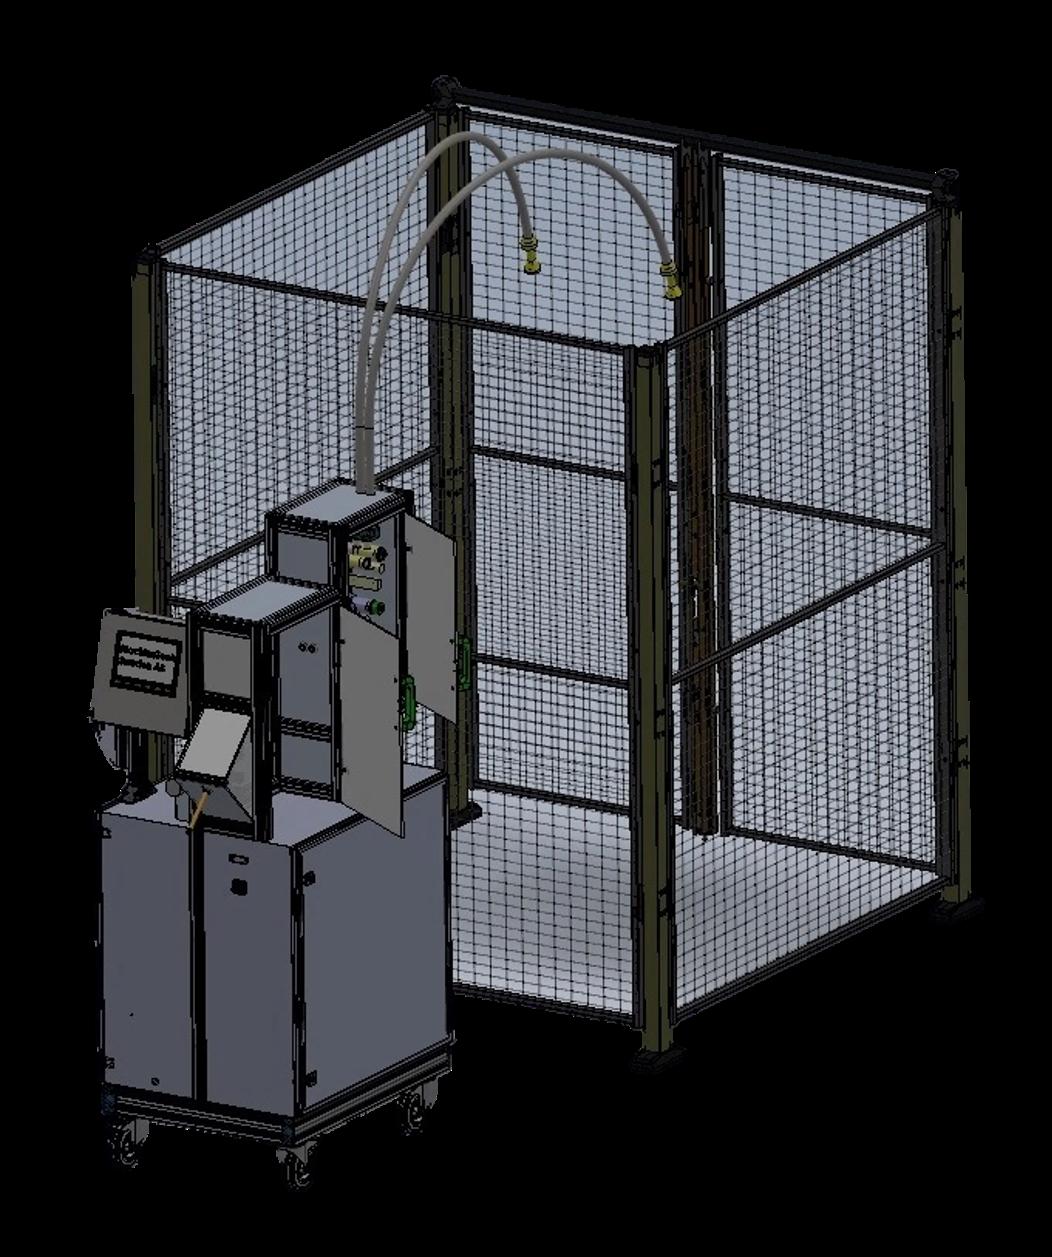 Fillex - Bag Filling Machine